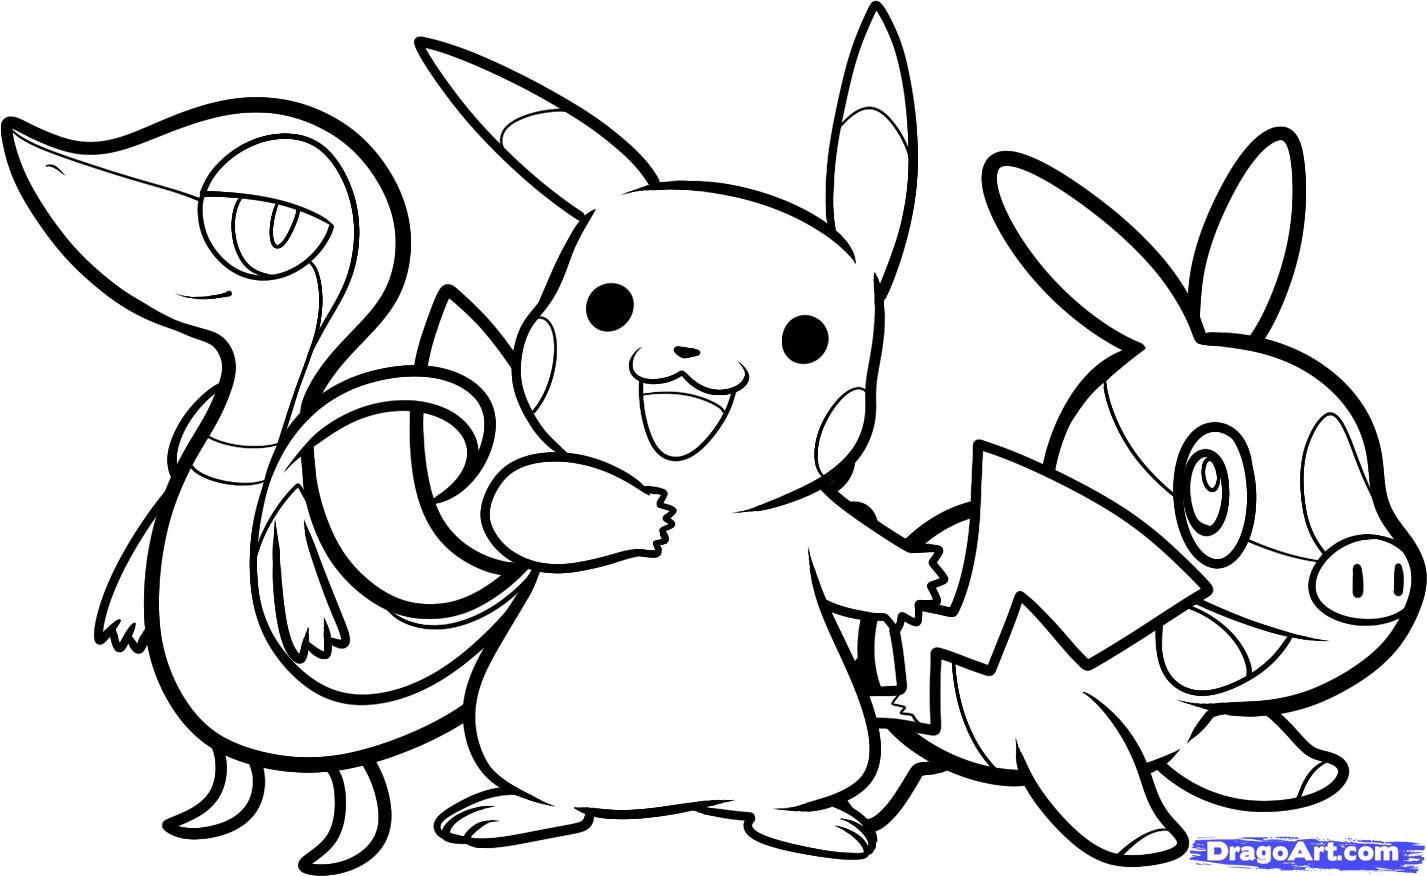 Nos Jeux De Coloriage Pokemon À Imprimer Gratuit - Page 11 tout Des Dessins A Imprimer